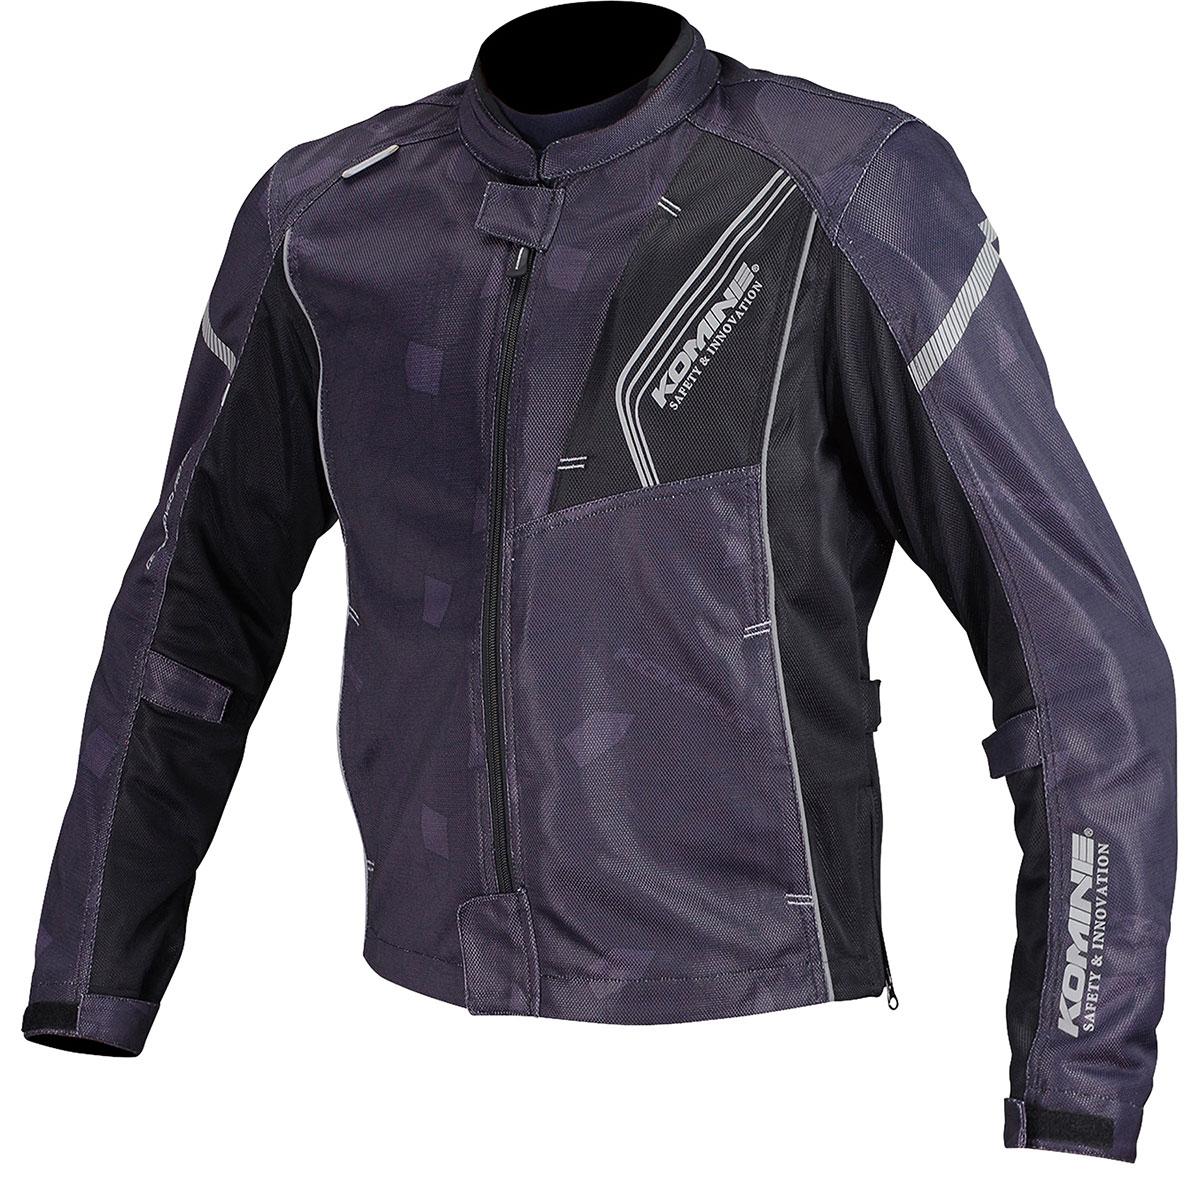 コミネ (Komine) バイク用 ジャケット Jacket JK-128 プロテクトフルメッシュジャケット ブラック 黒 2XLサイズ 07-128/BK/2XL